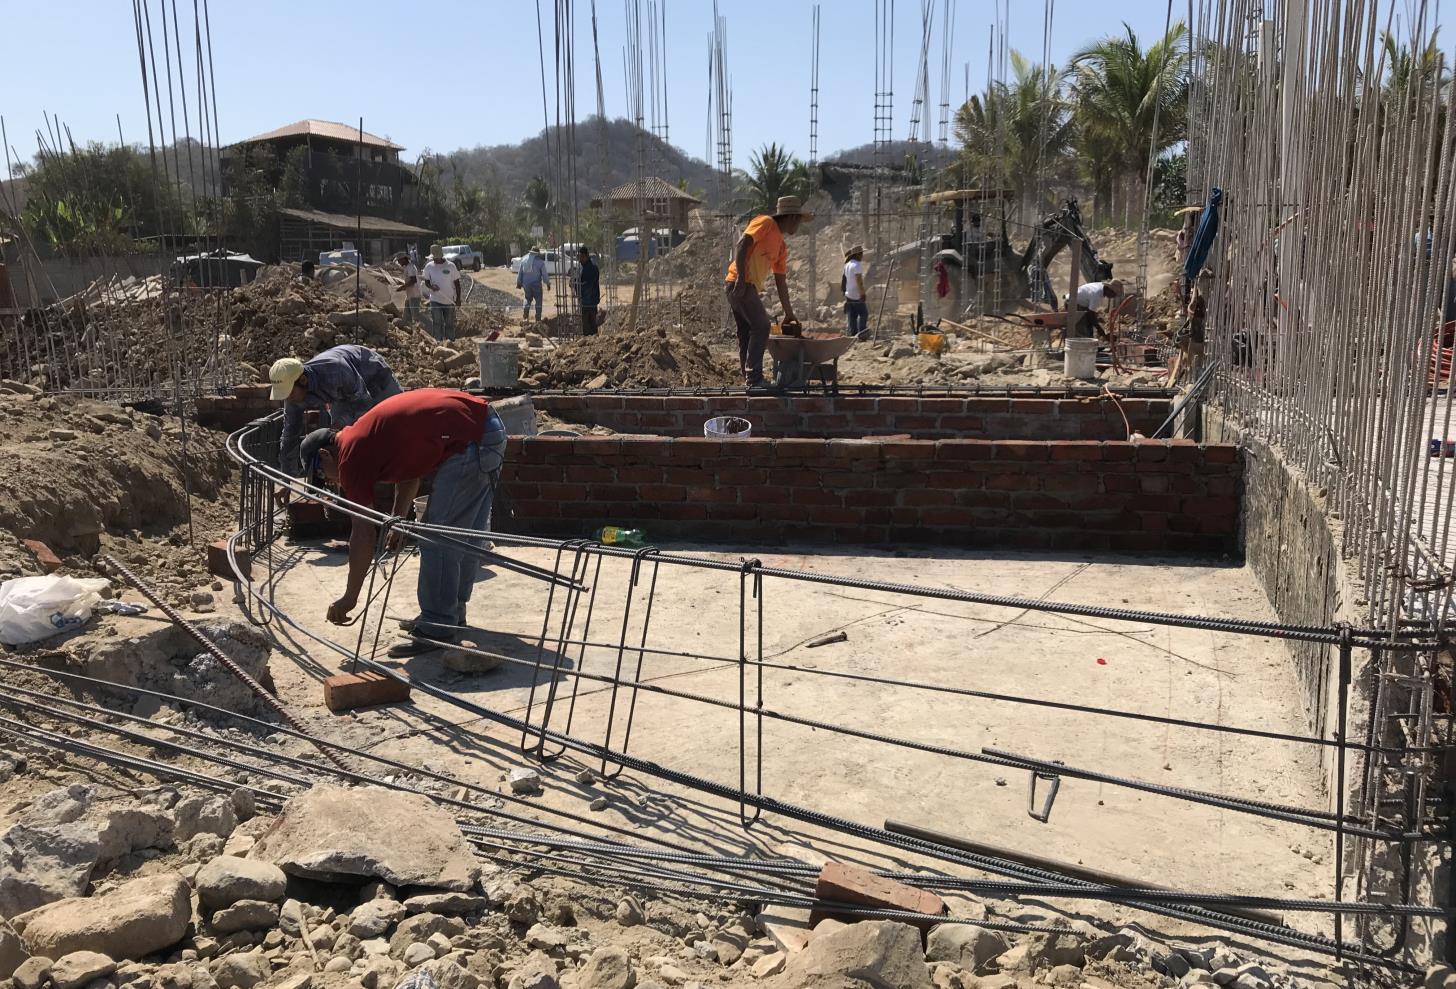 REPORTE-FOTOGRAFICO-PUNTA-MAJAHUA-16-DE-ABRIL-DEL-2018-008.jpg